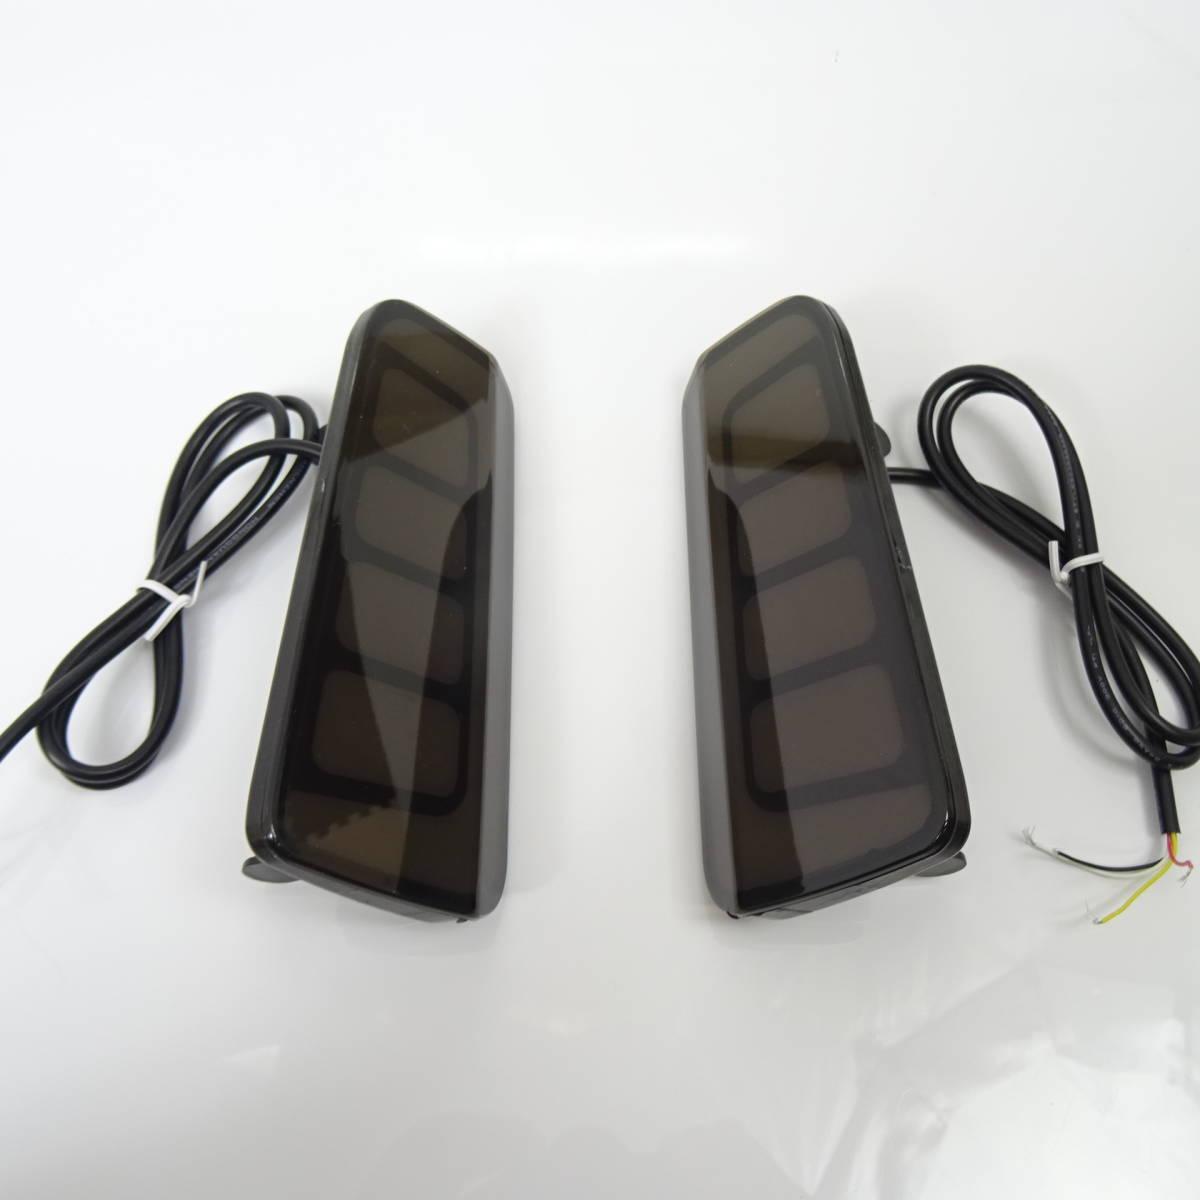 スモーク 流れる ファイバー LED リフレクター リアバンパー ライト ランプ シーケンシャルウインカー アルファード30 ヴェルファイア30 _画像1